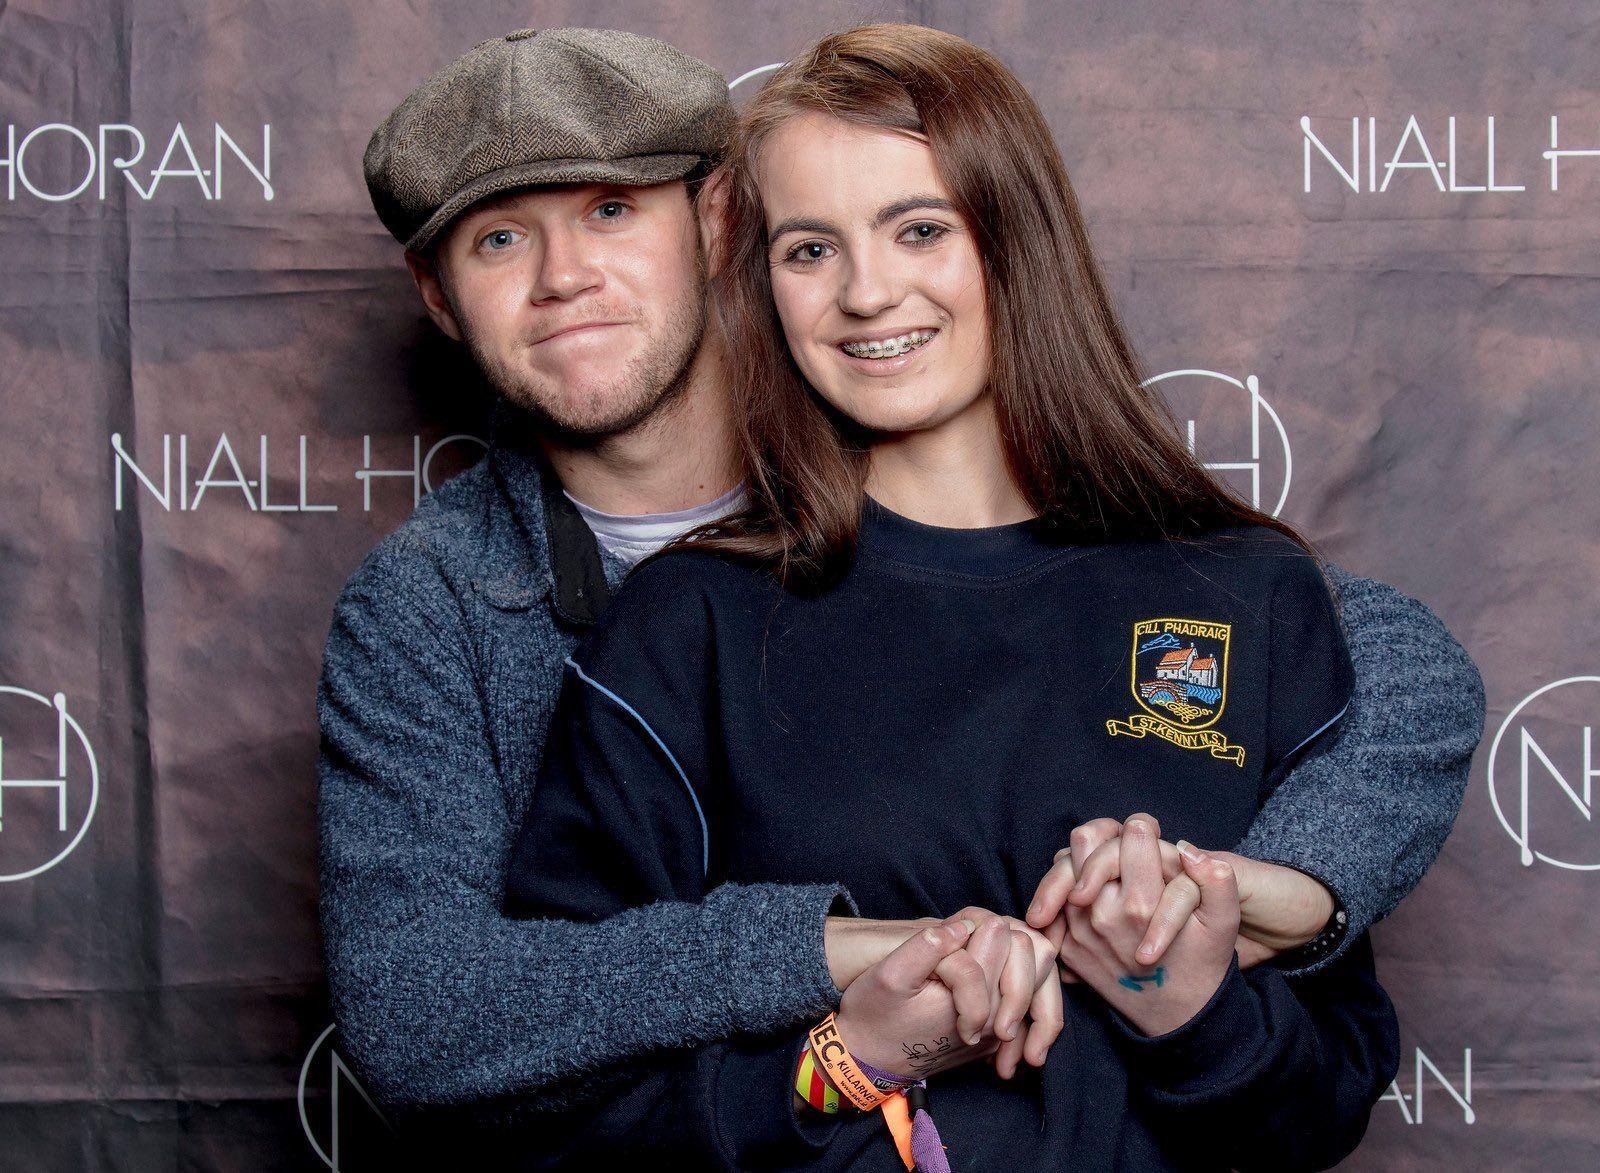 March 29 Flicker World Tour Dublin Night 2 Meet N Greet Niall